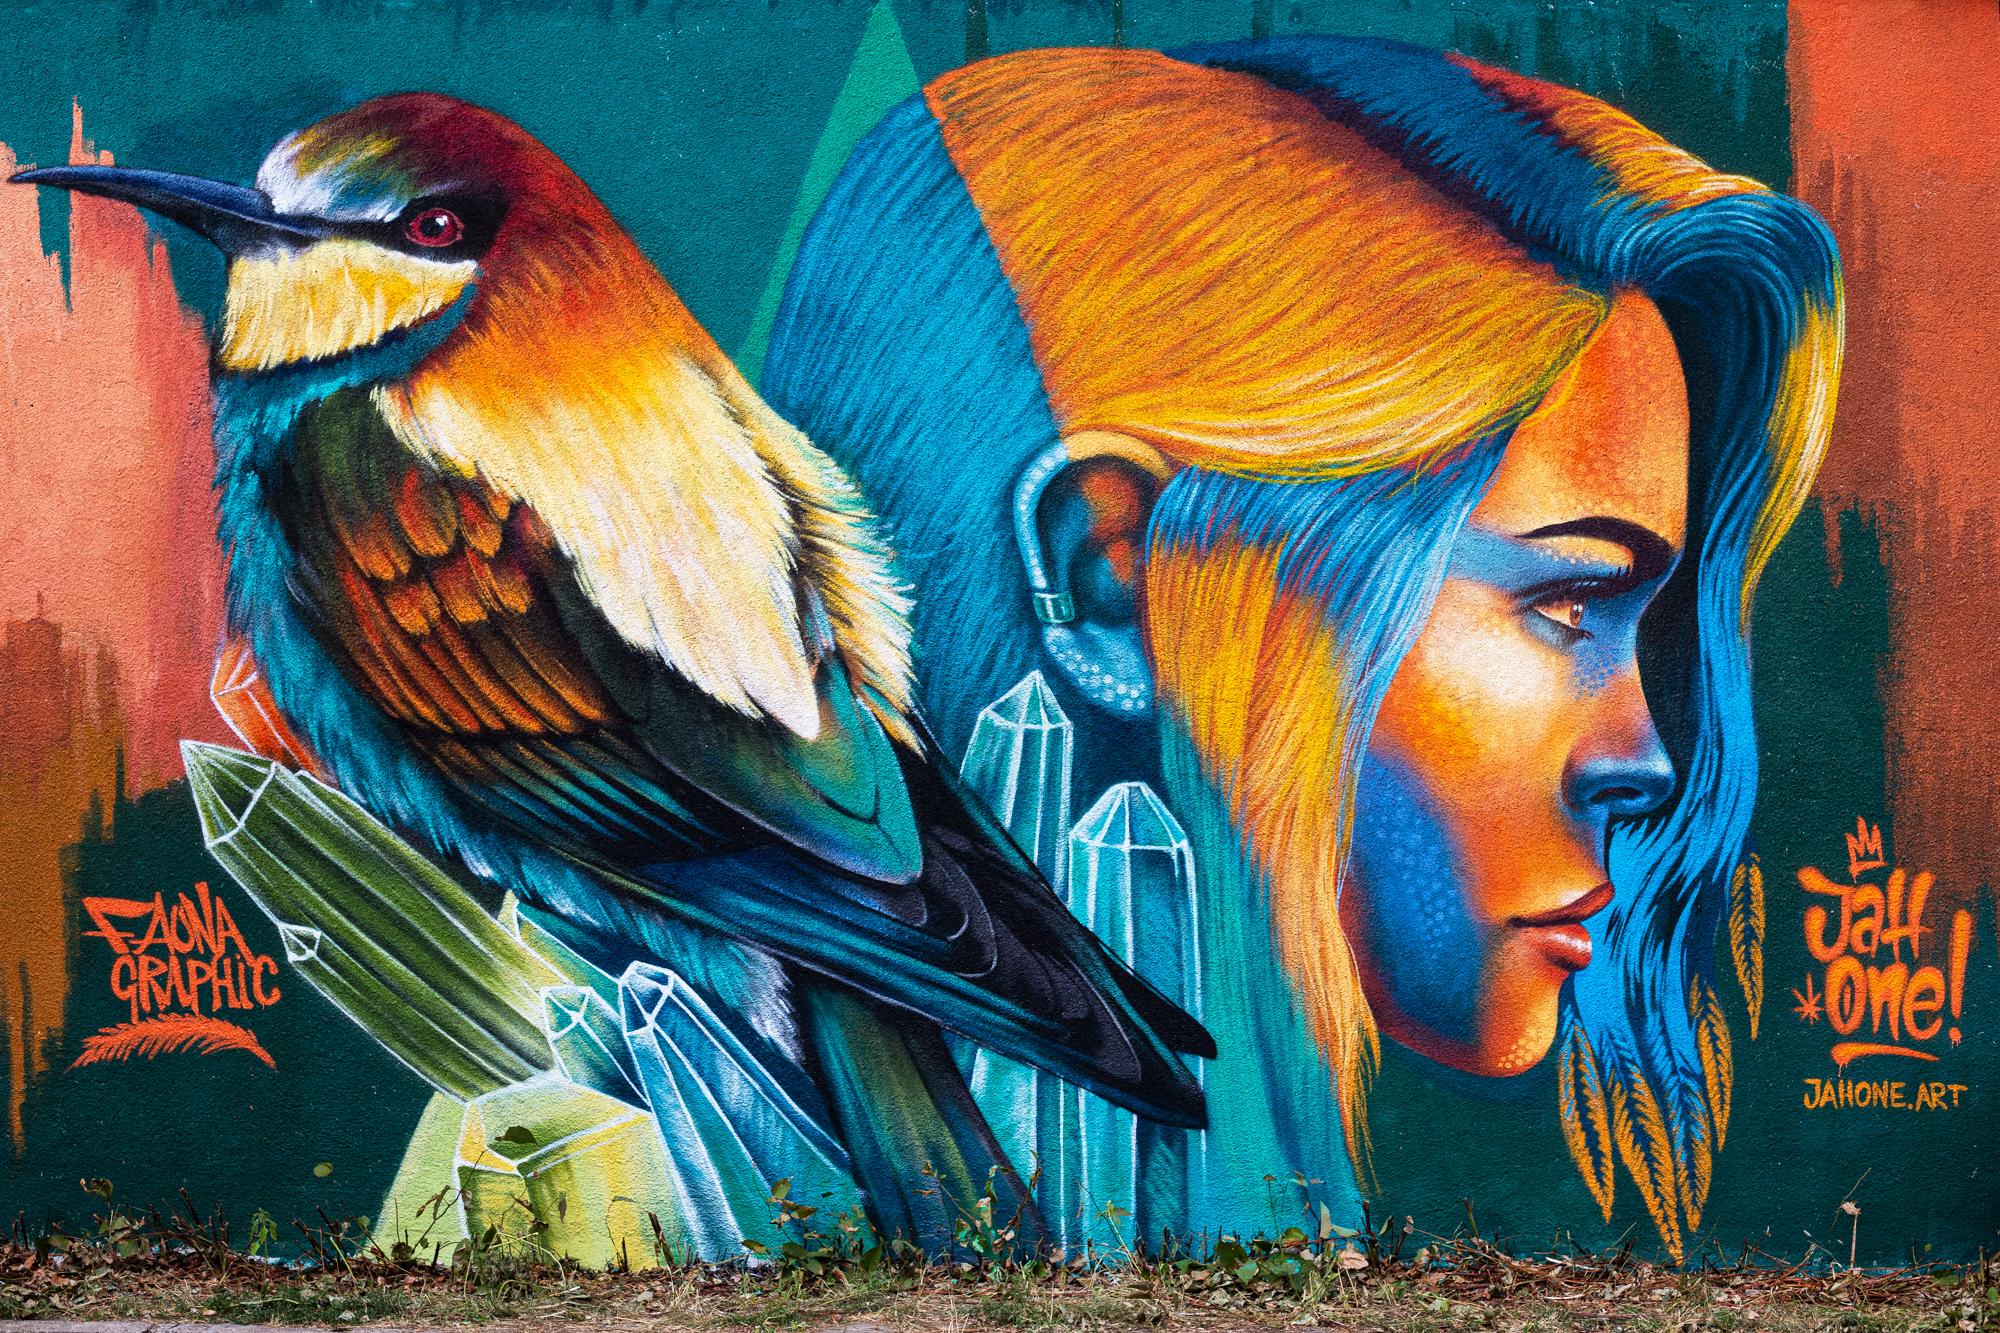 Street art mural graffiti jahone